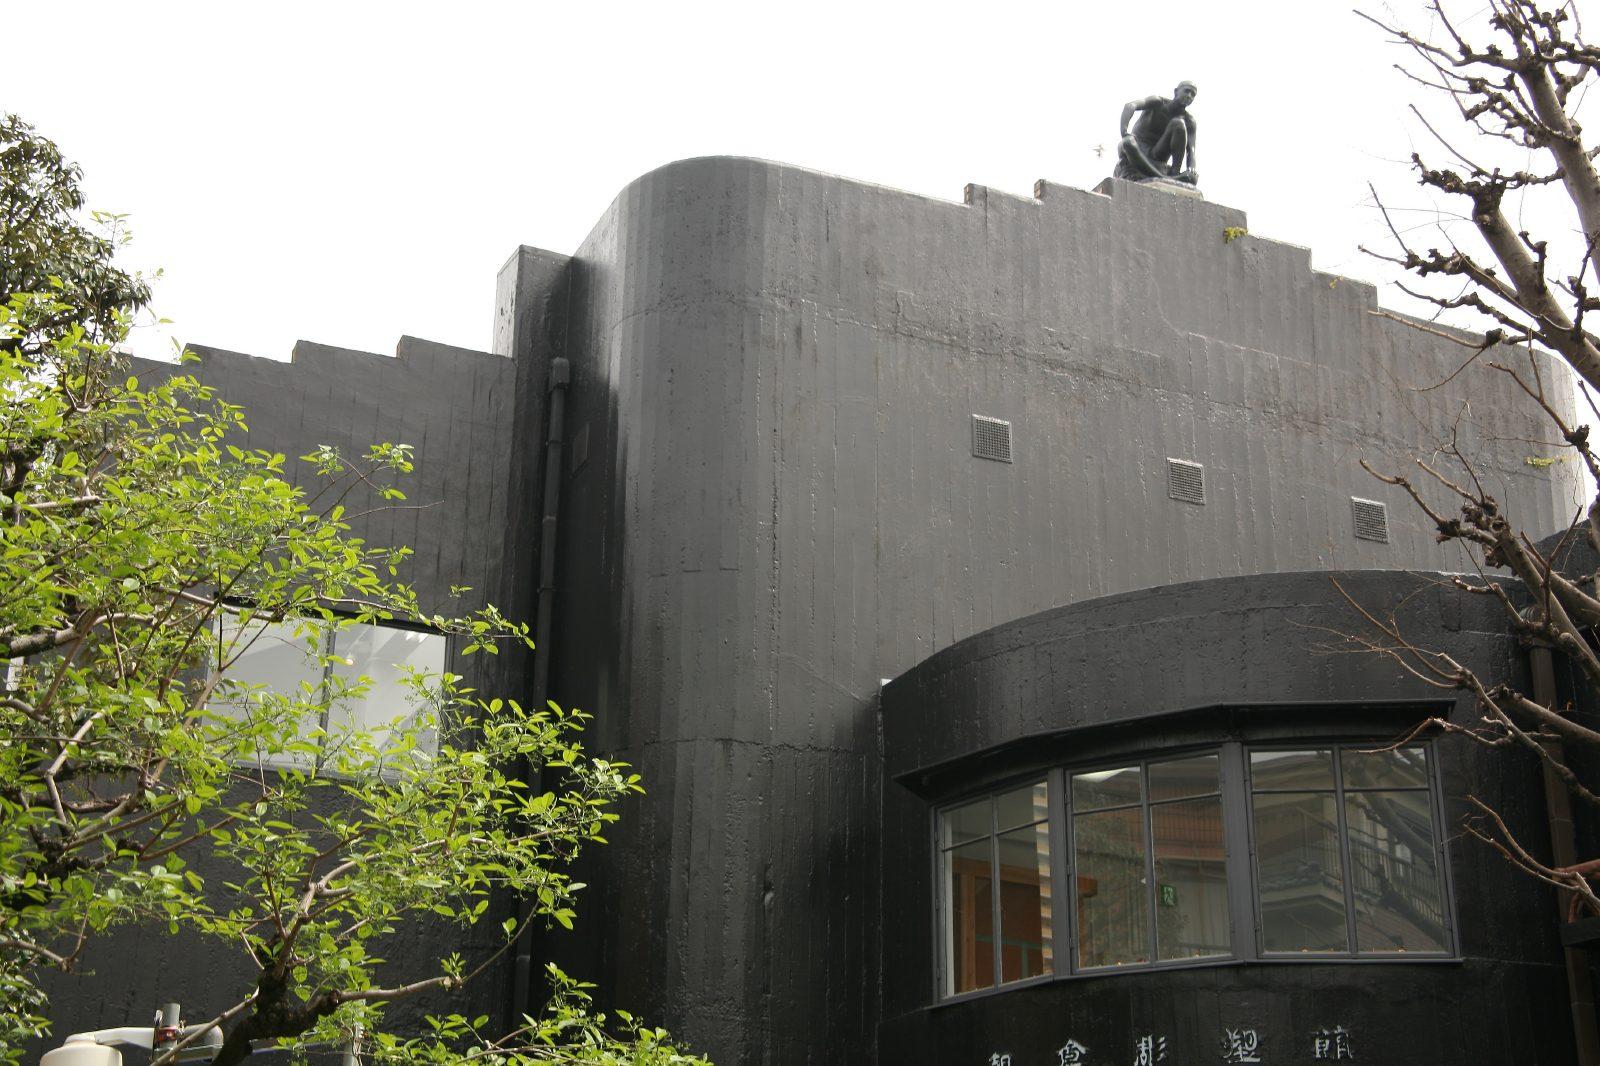 Asakura Chosokan